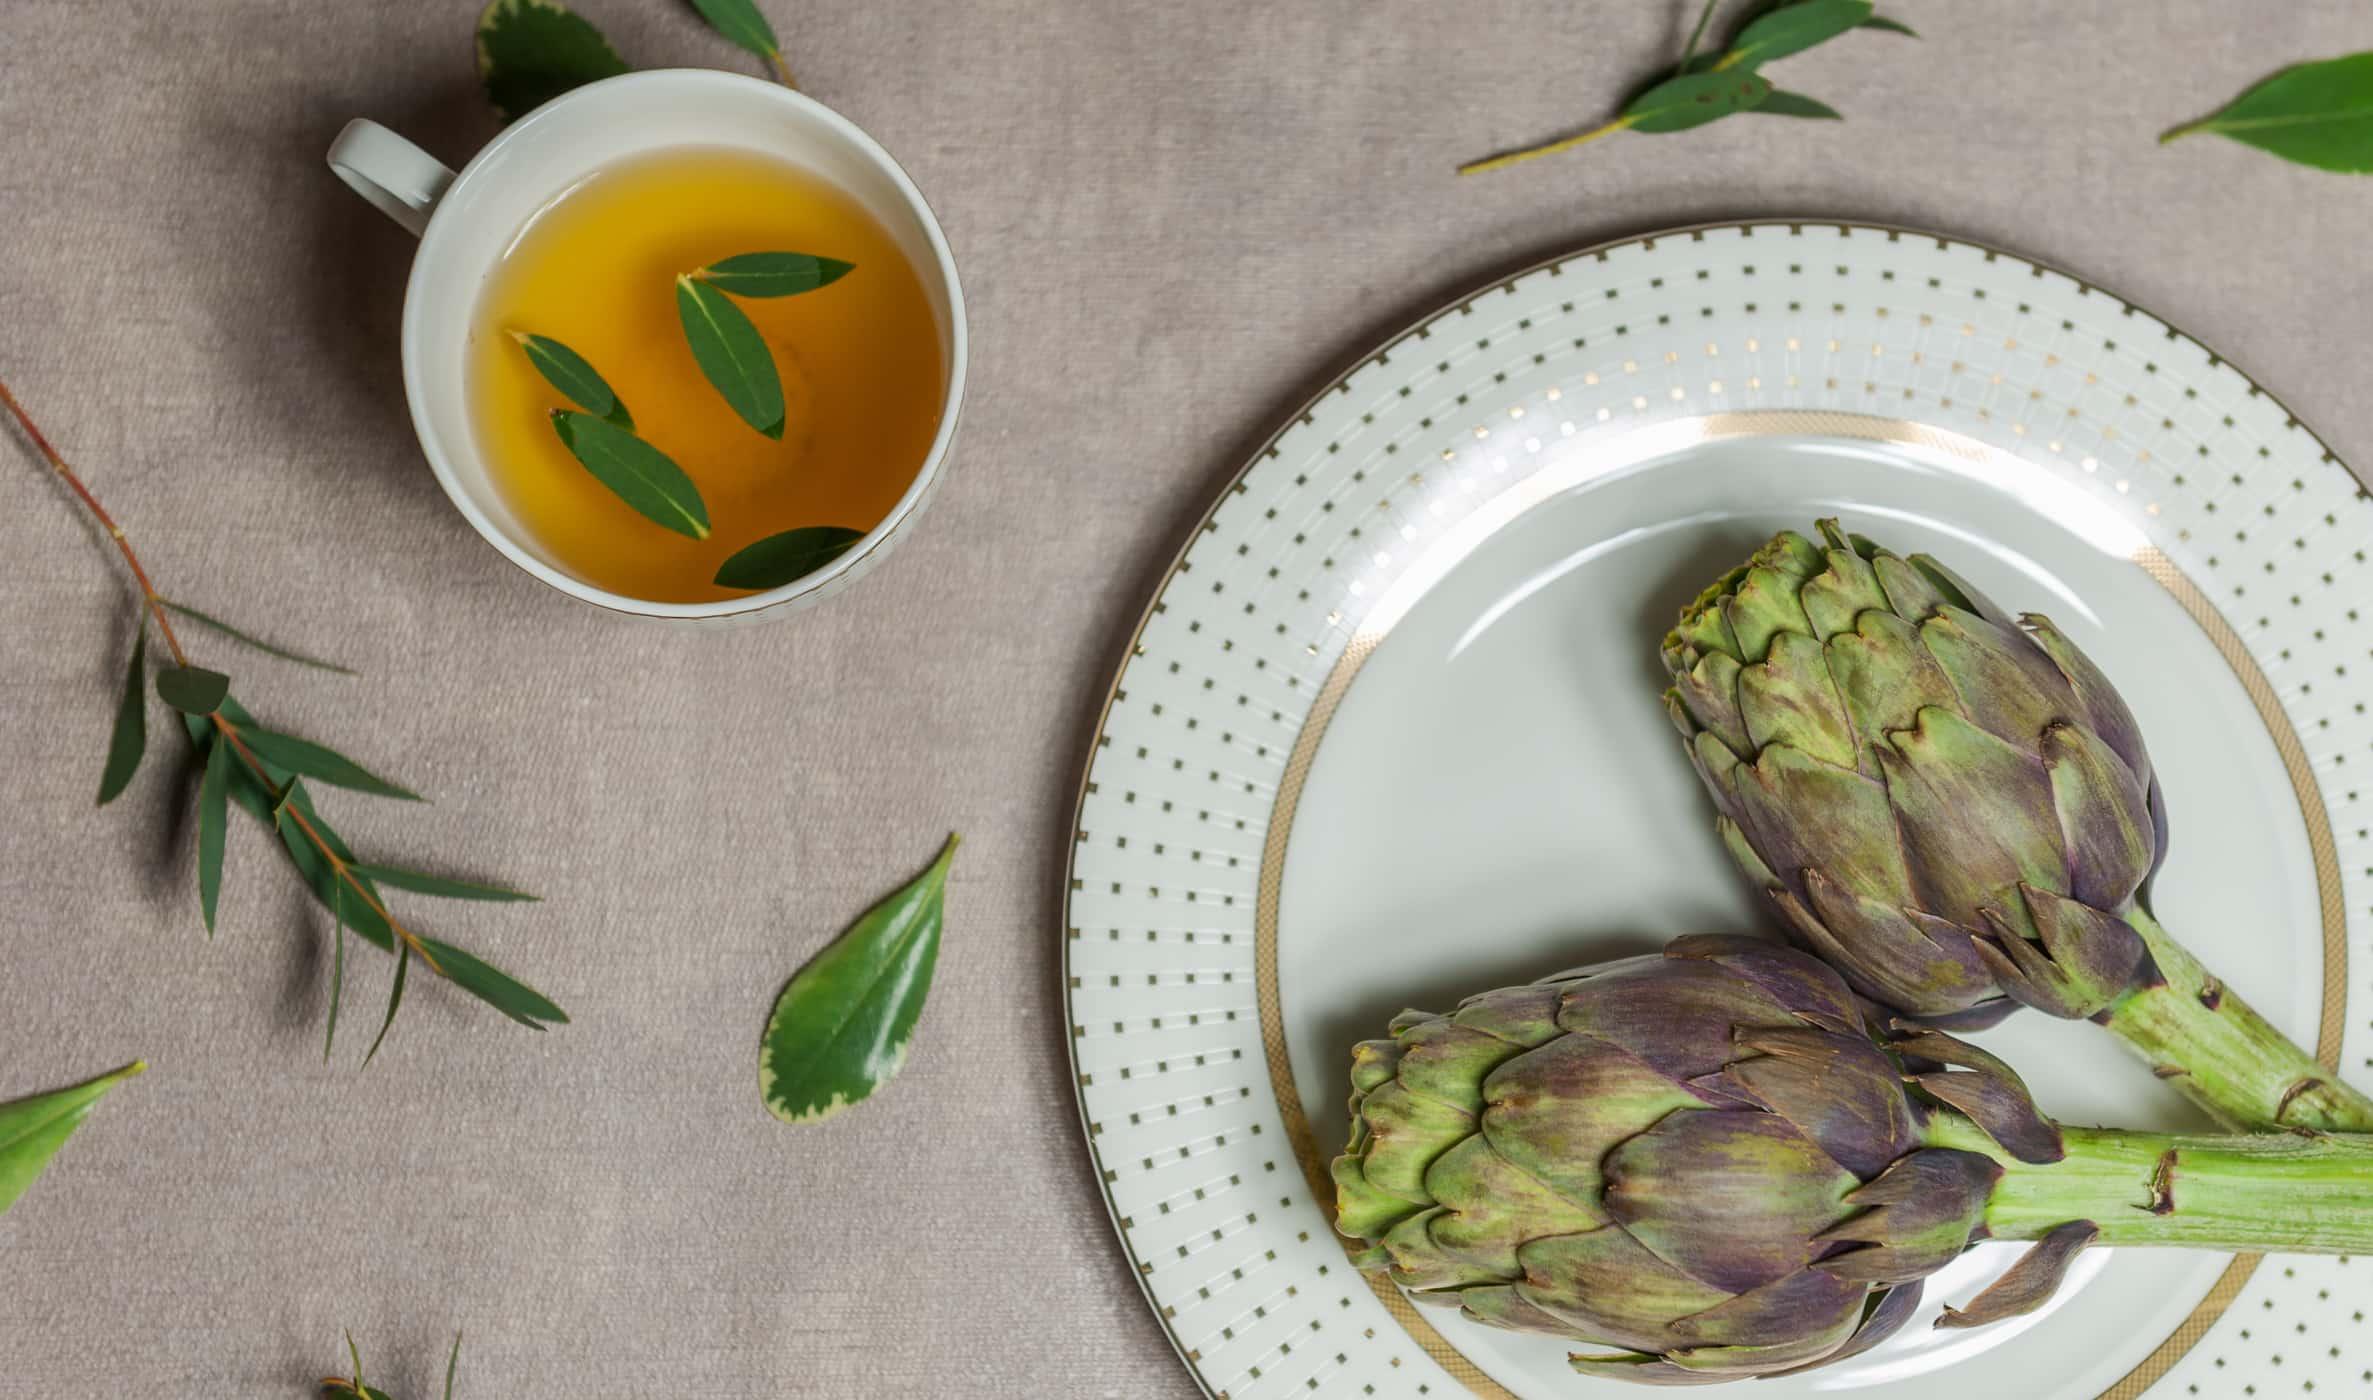 ngoại quan hoàn toàn khác nhau nhưng trà atiso rất dễ bị nhầm lẫn với một loại trà khác